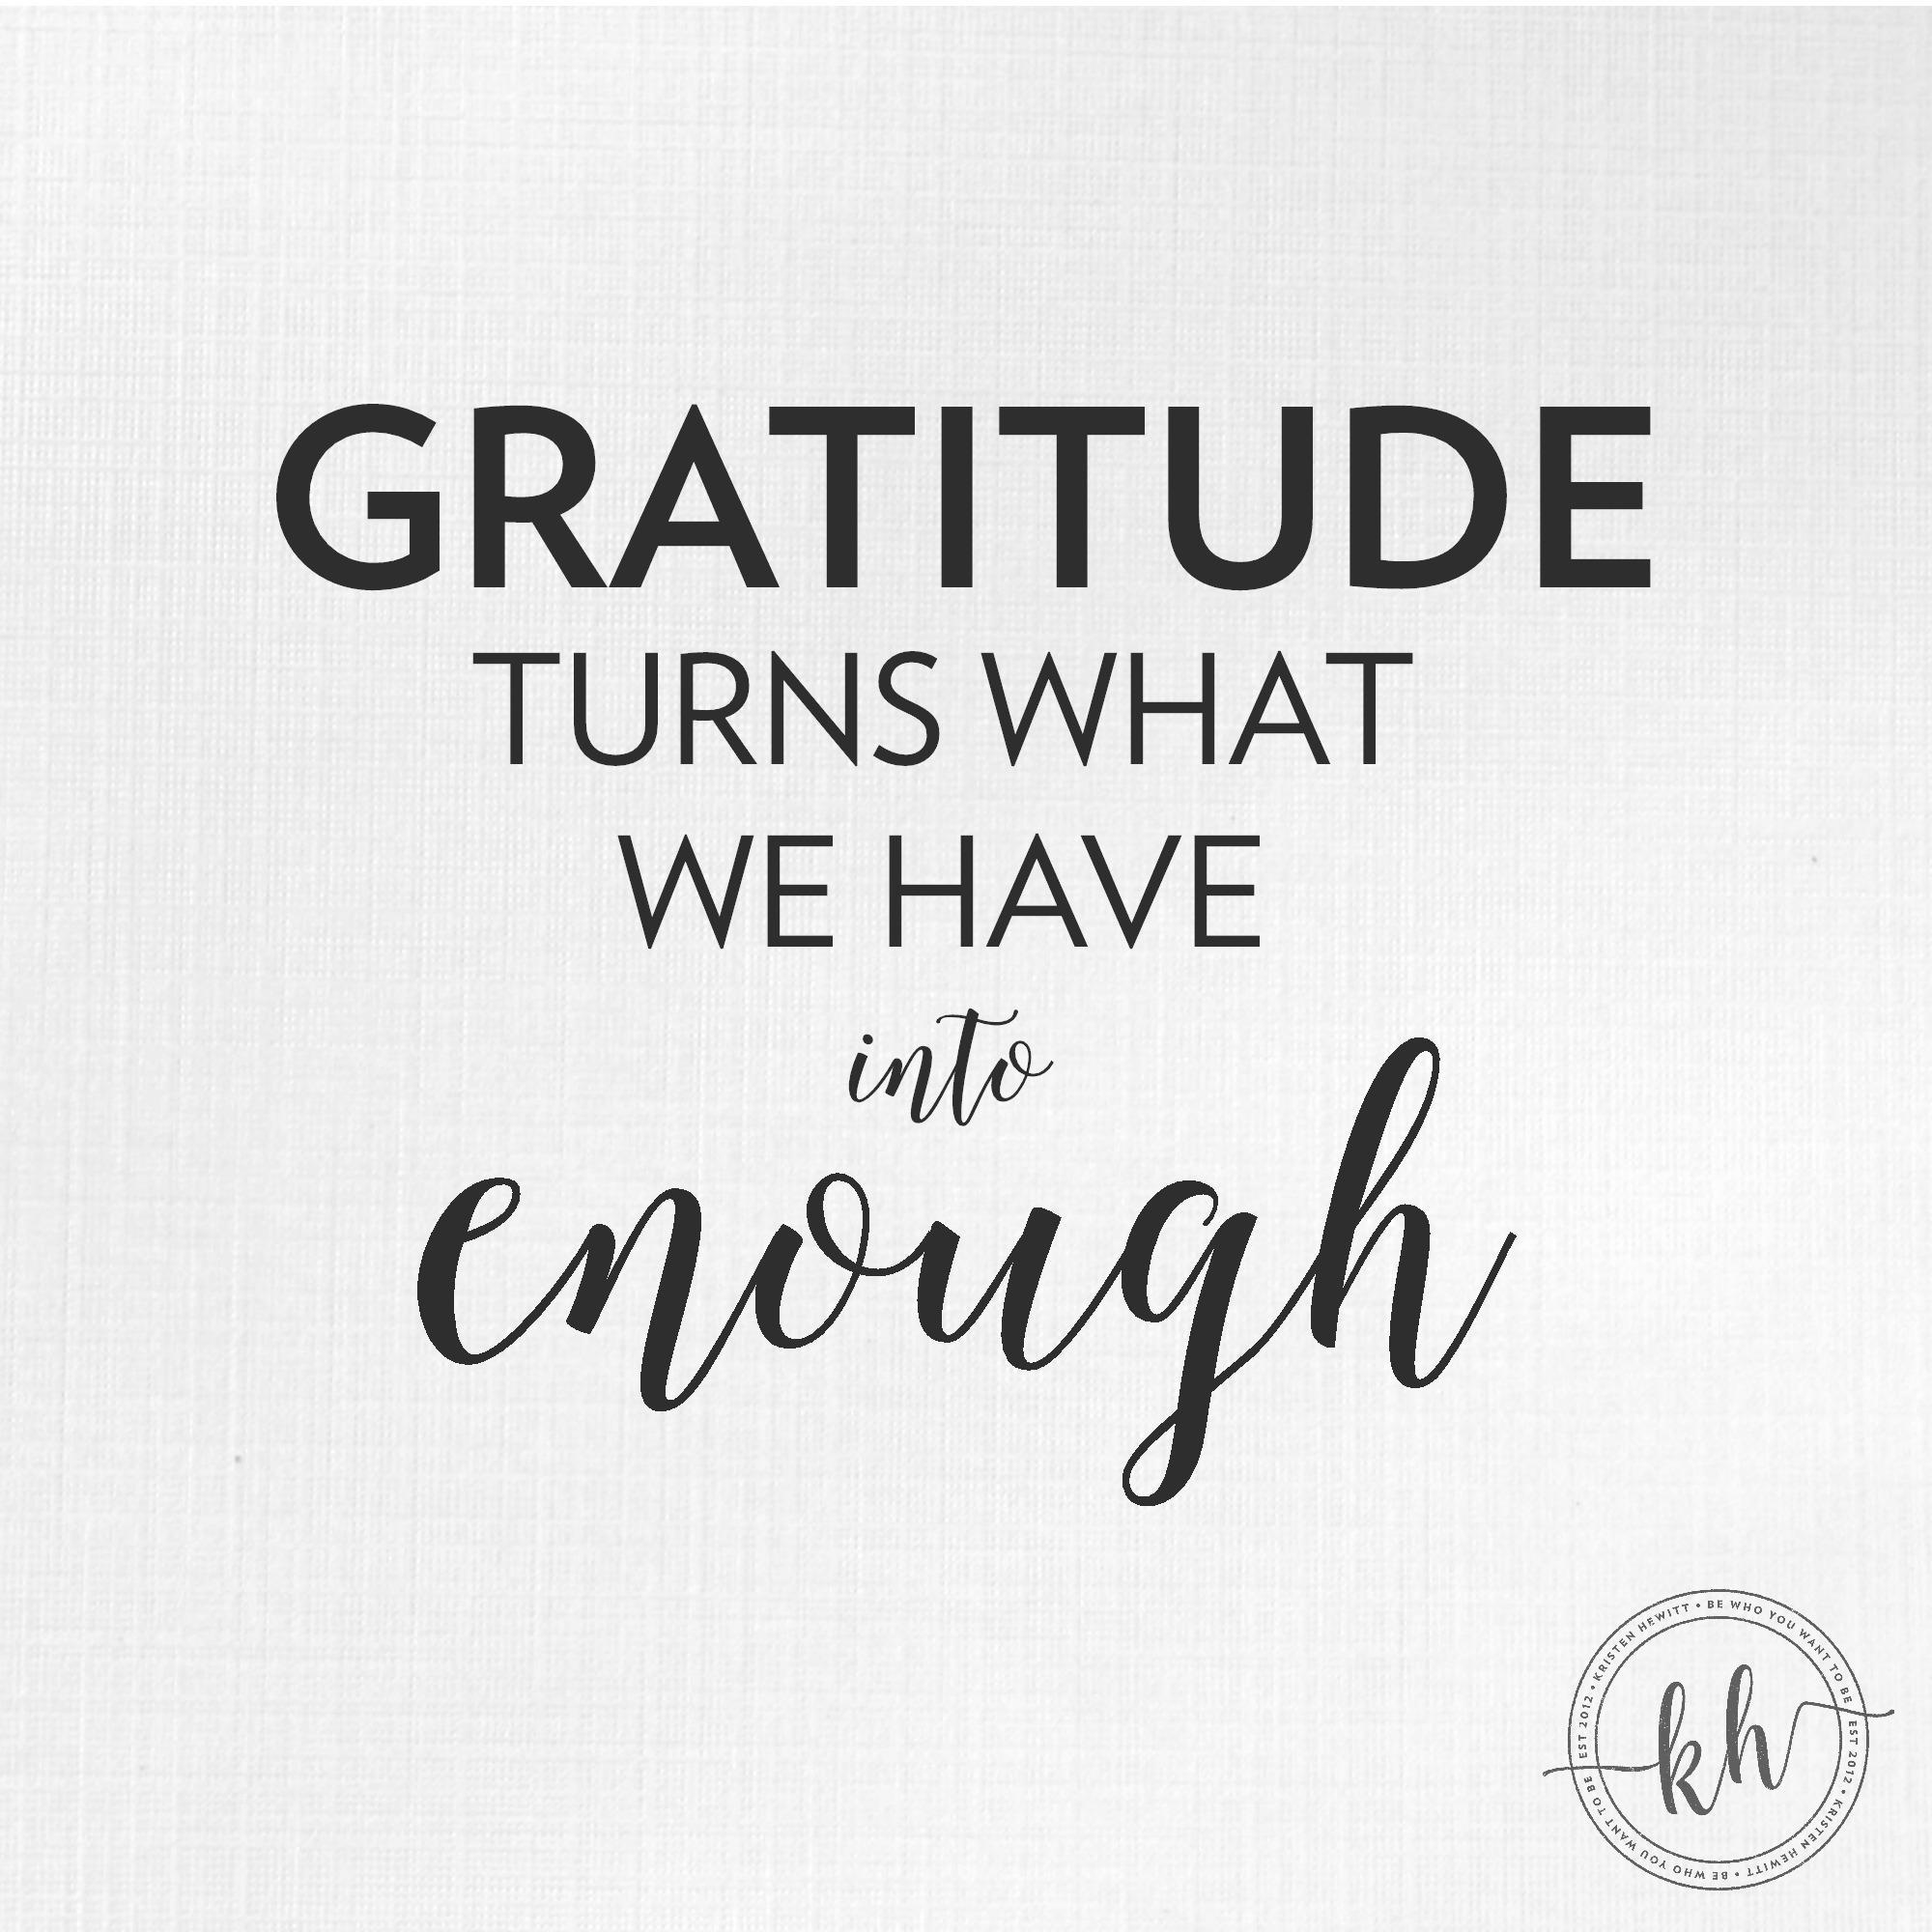 quotes-gratitude-enough